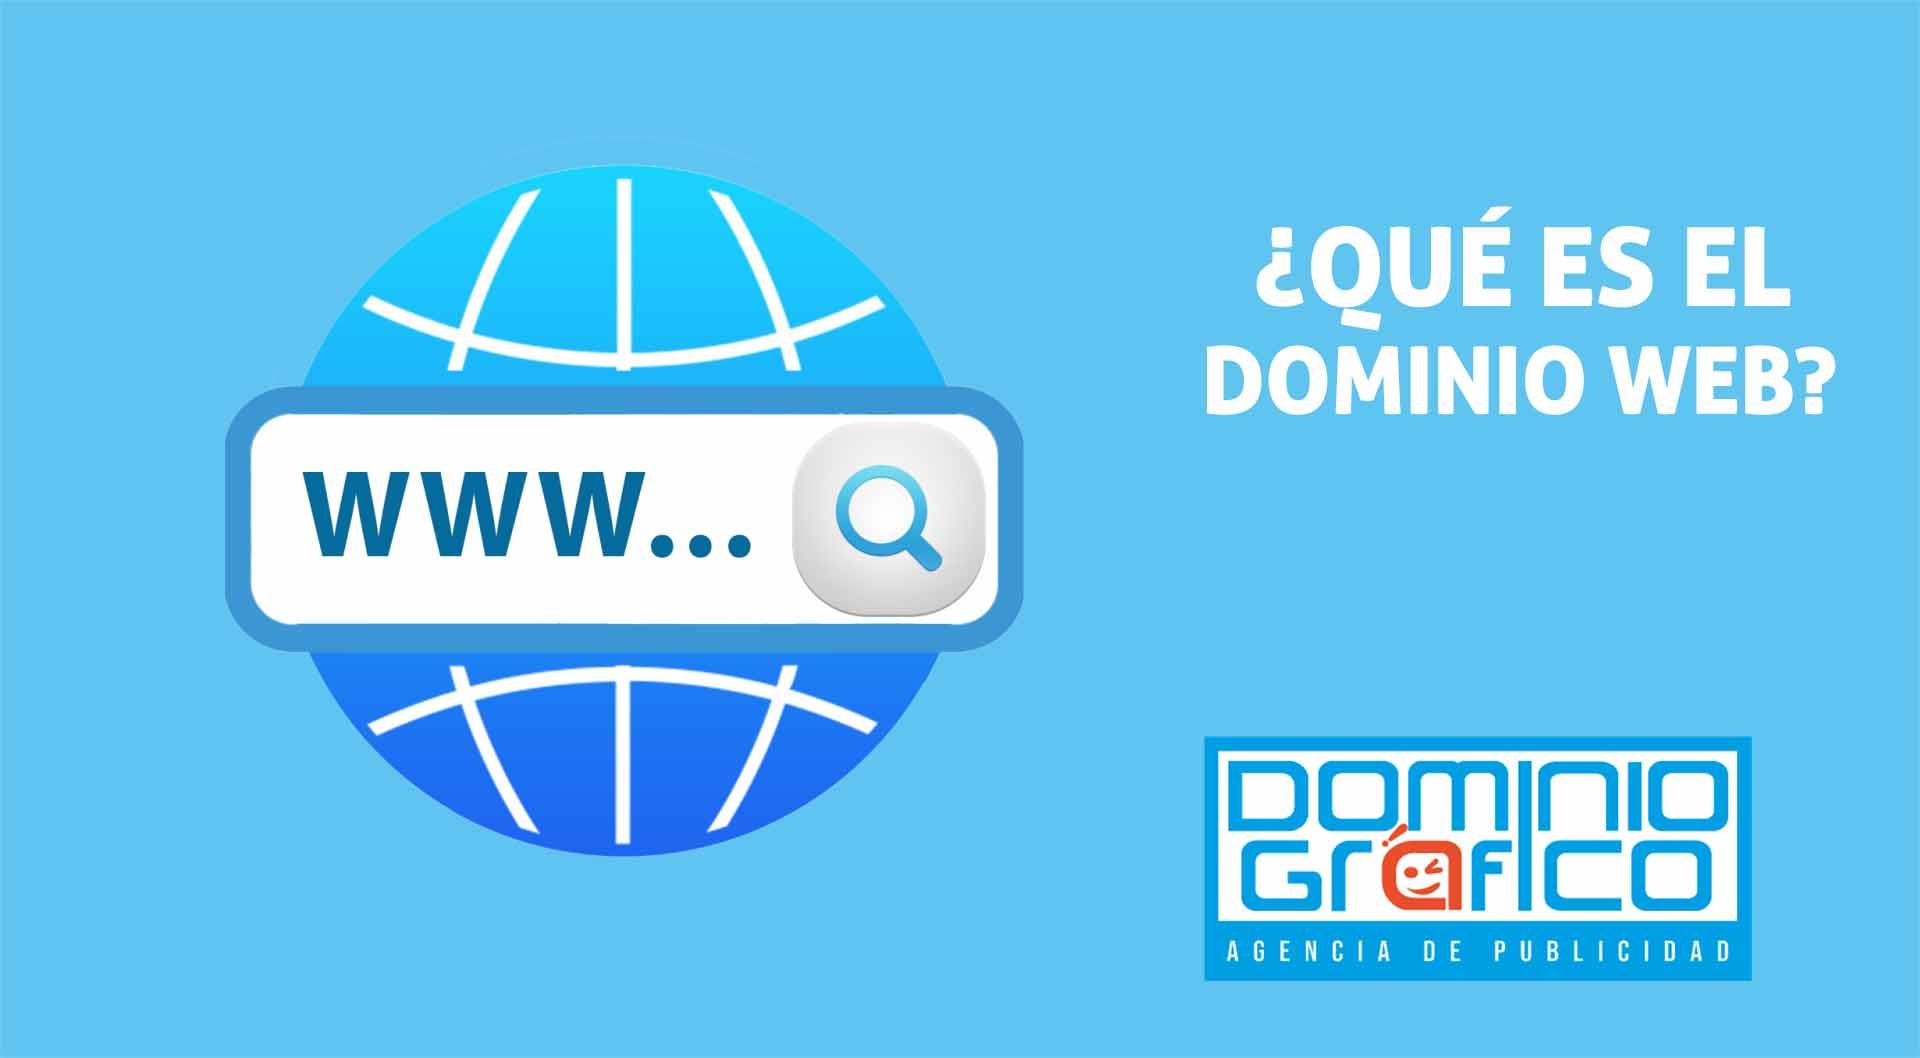 QUE ES EL DOMINIO WEB